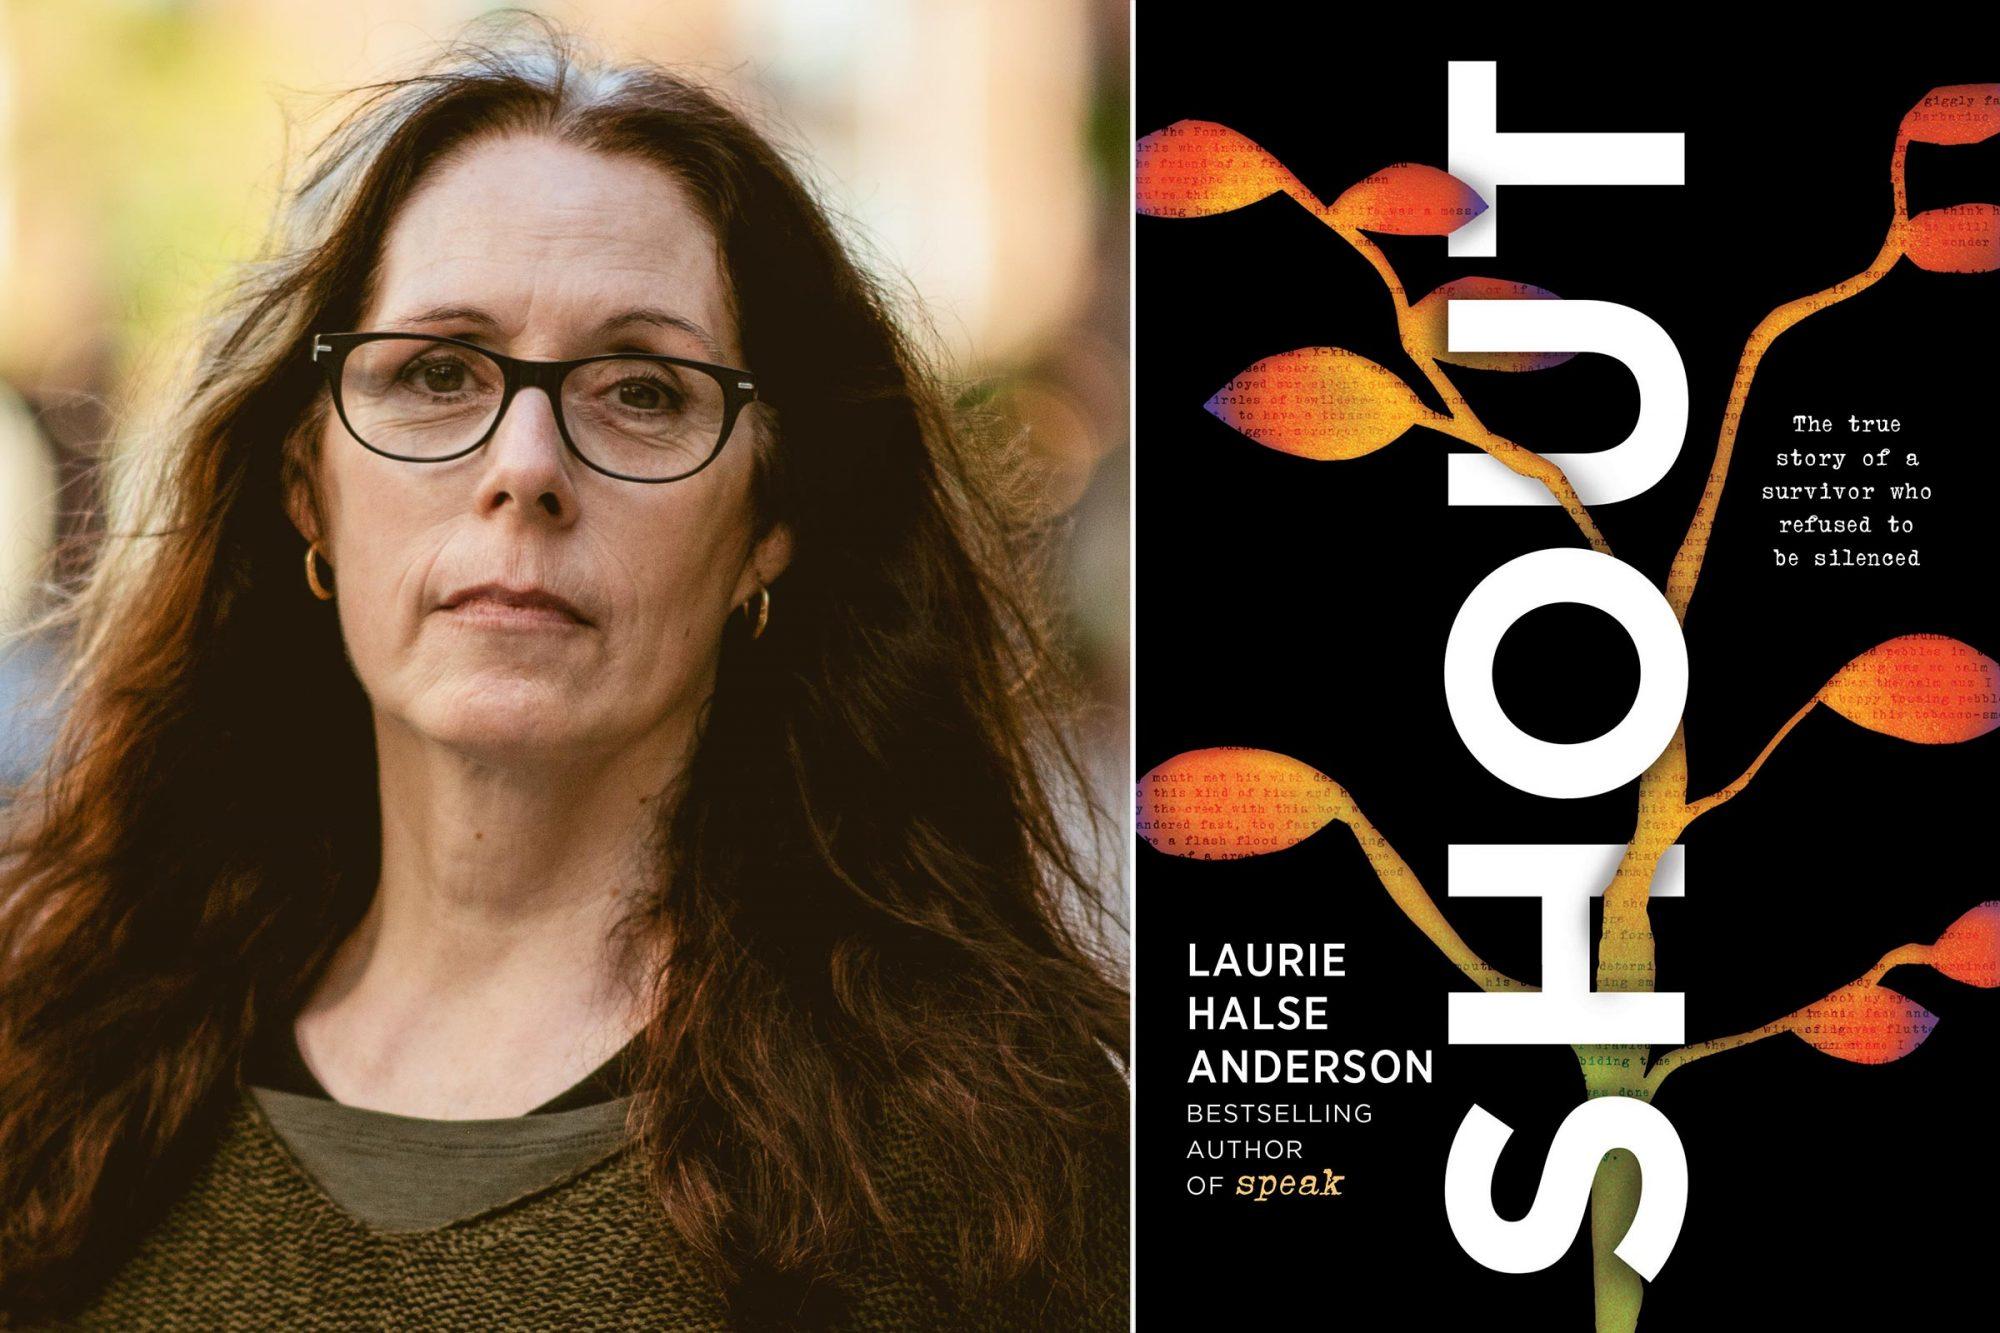 Laurie Halse Anderson / Shout